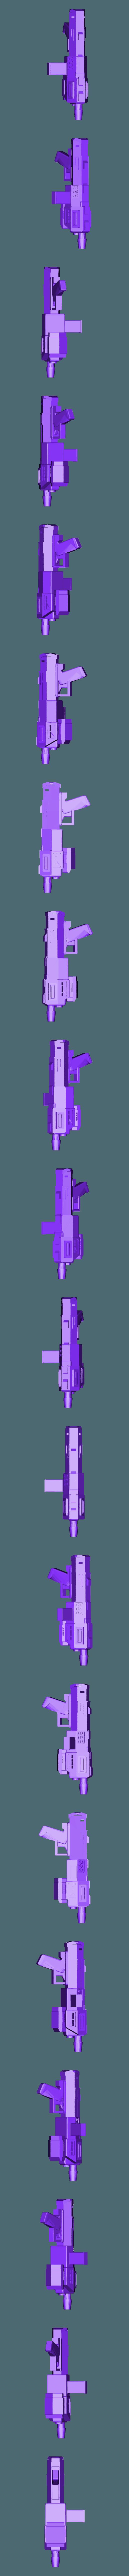 Razors_Blaster.stl Télécharger fichier STL gratuit Razor the Racer Cat, un rasoir sans support • Design pour imprimante 3D, mrhers2